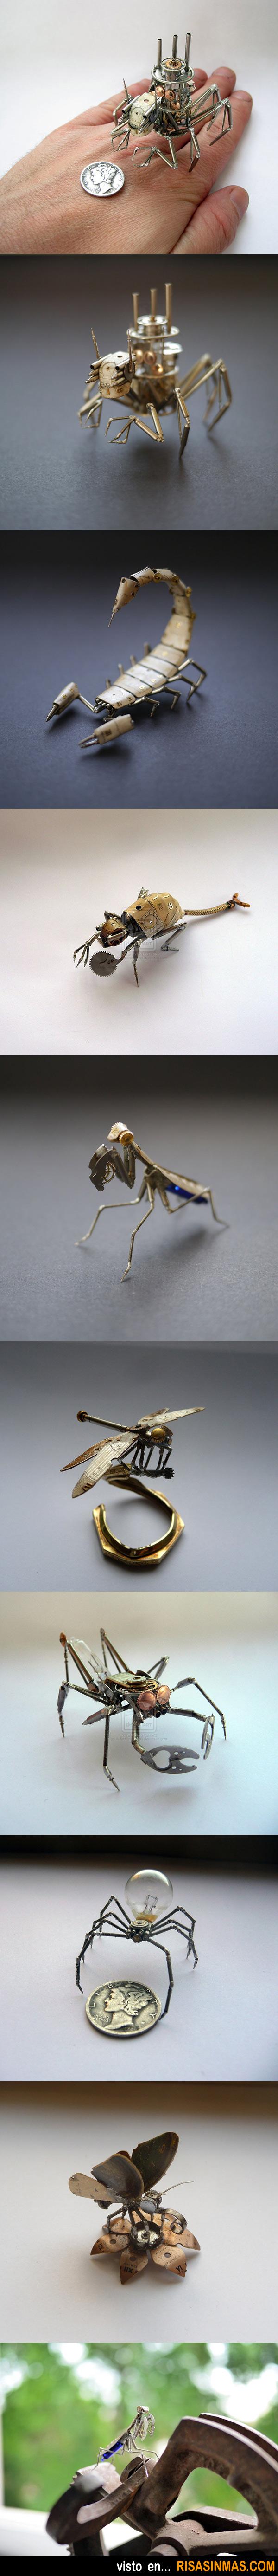 Insectos mecánicos